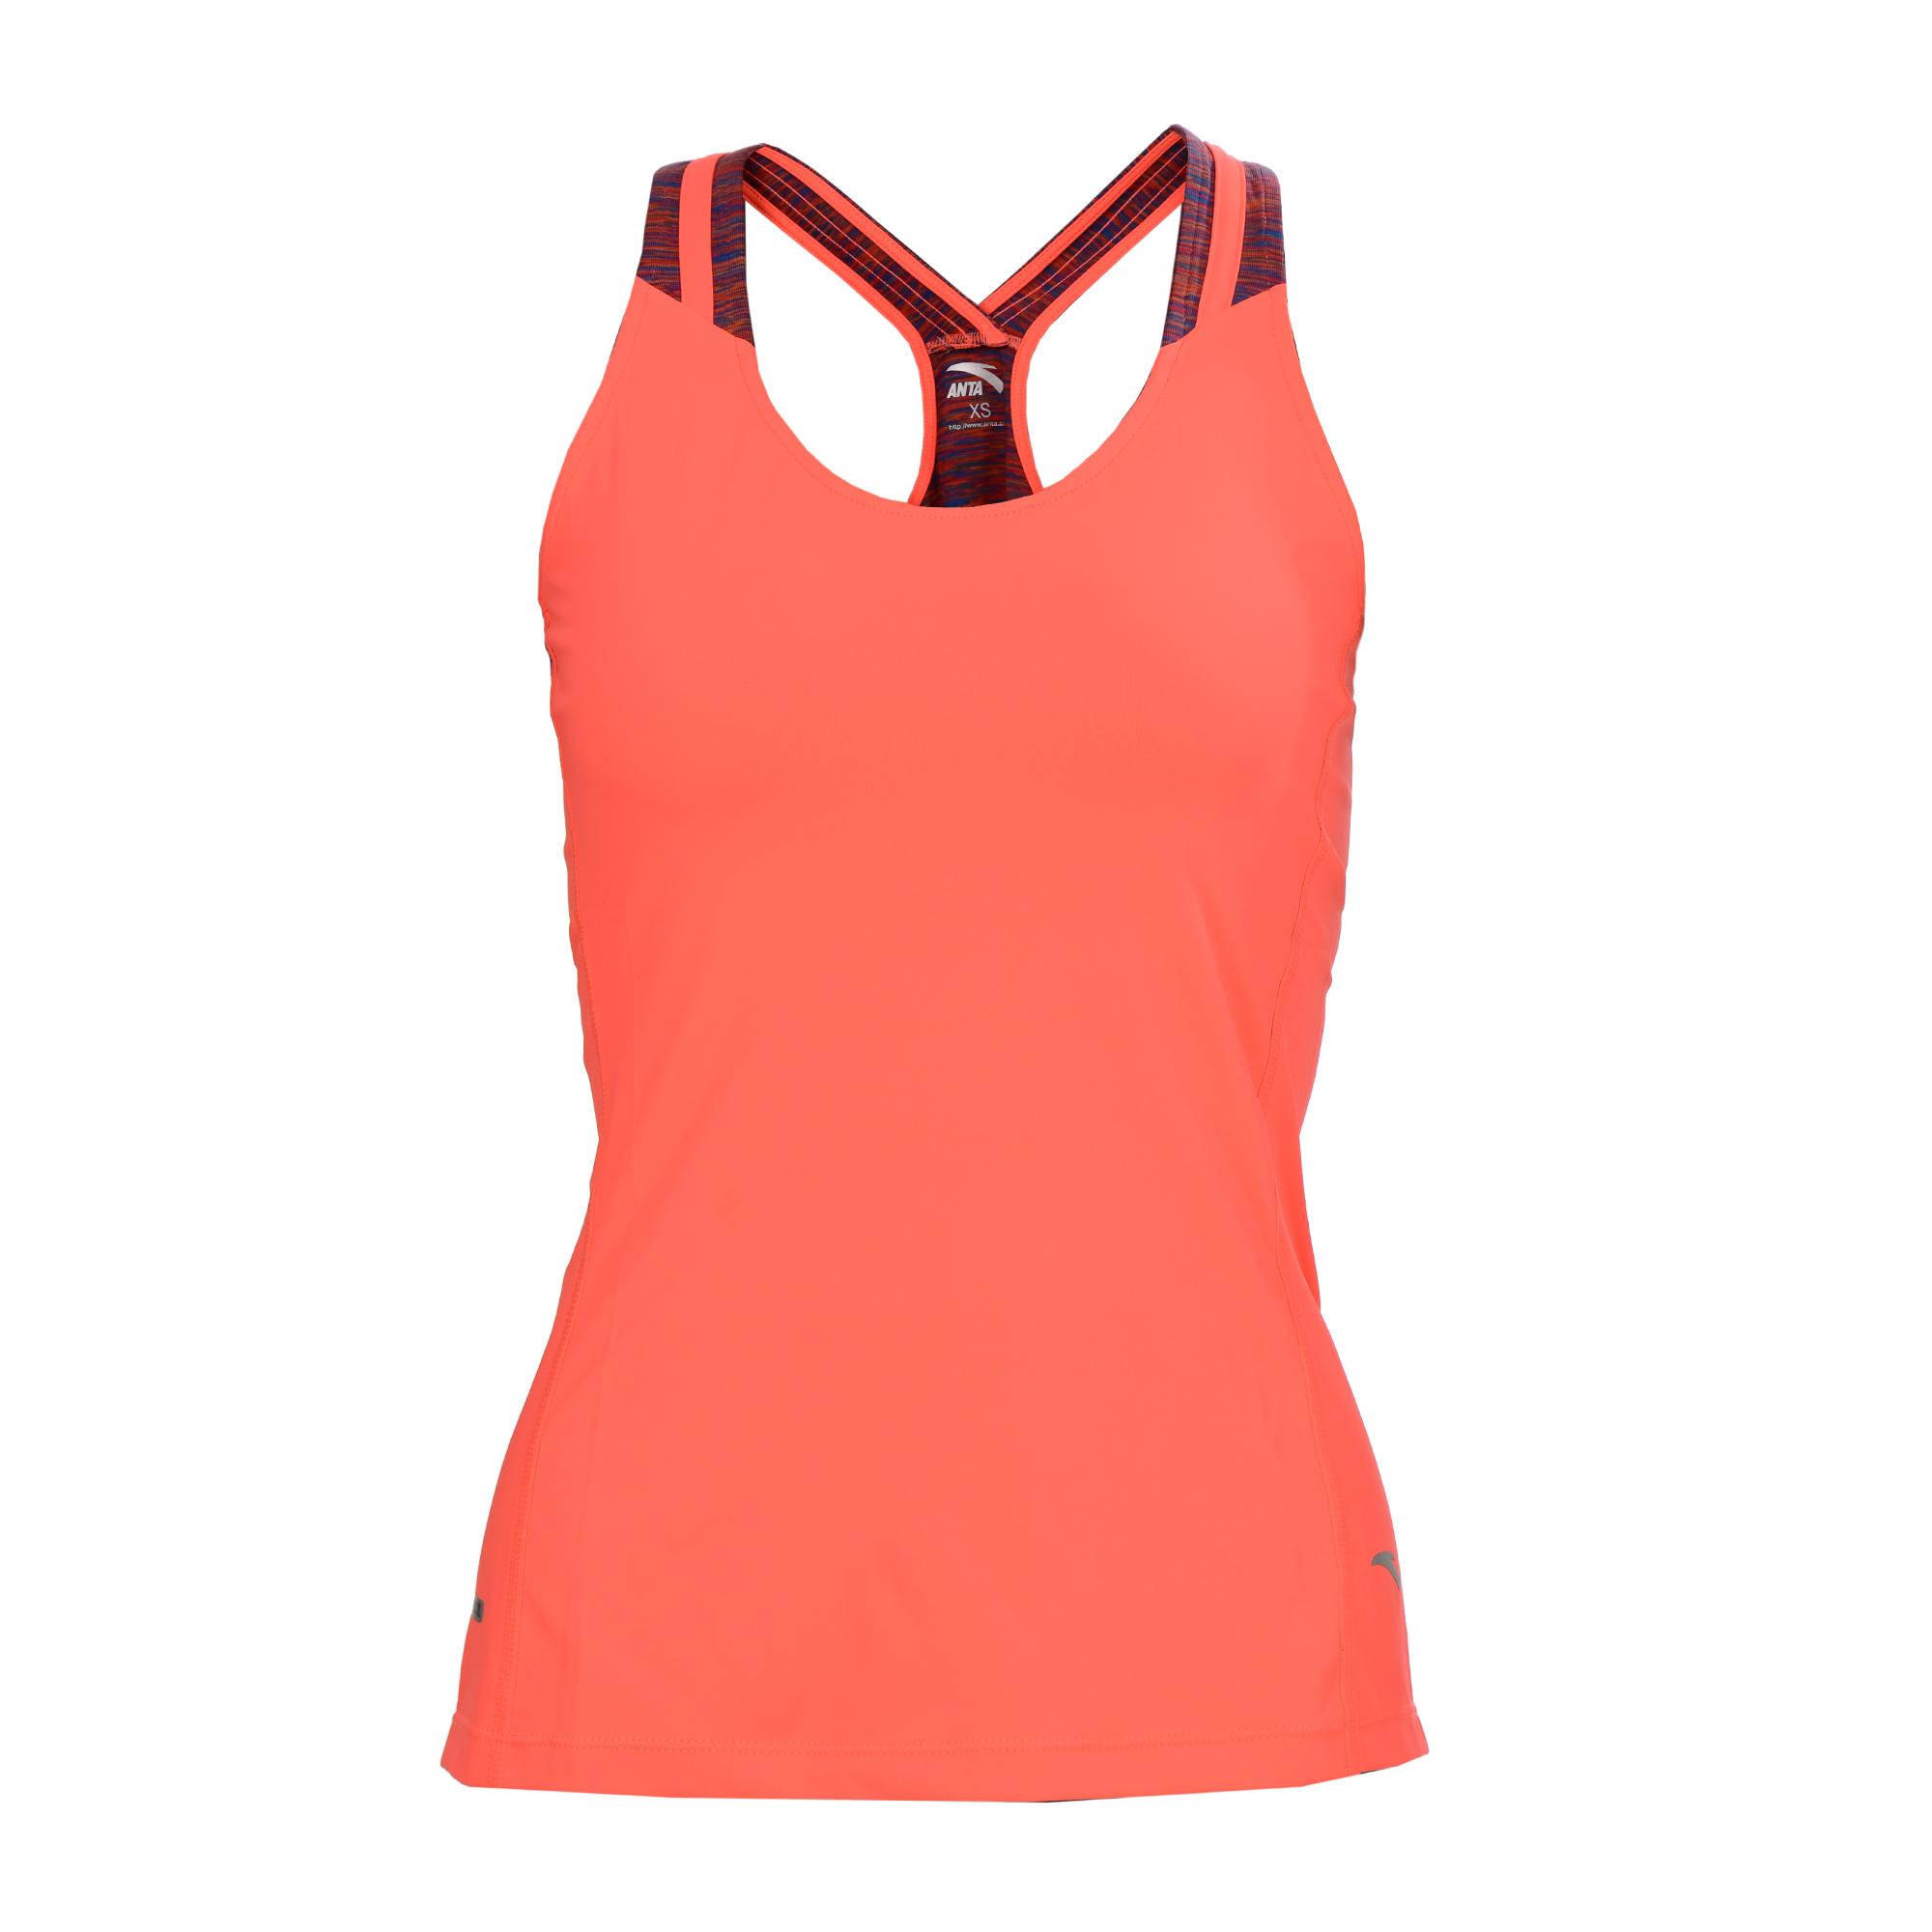 تاپ ورزشی زنانه آنتا مدل 86525103-4